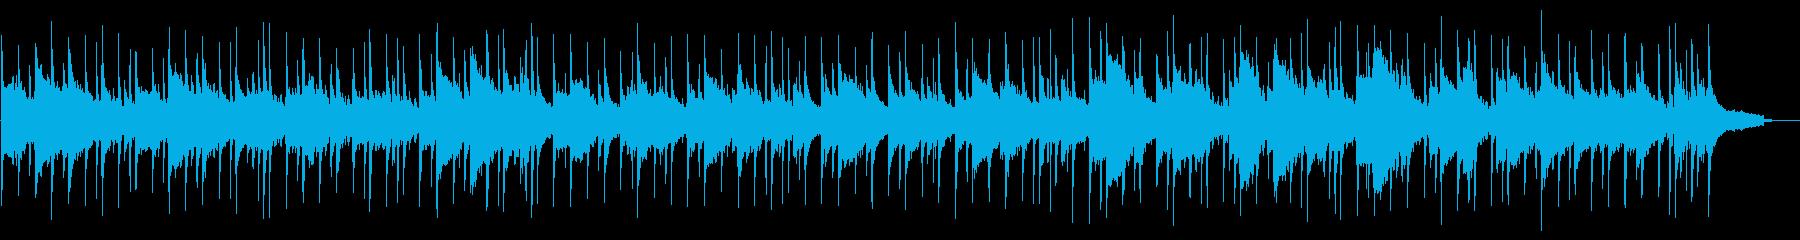 感動的なサックス演奏の再生済みの波形